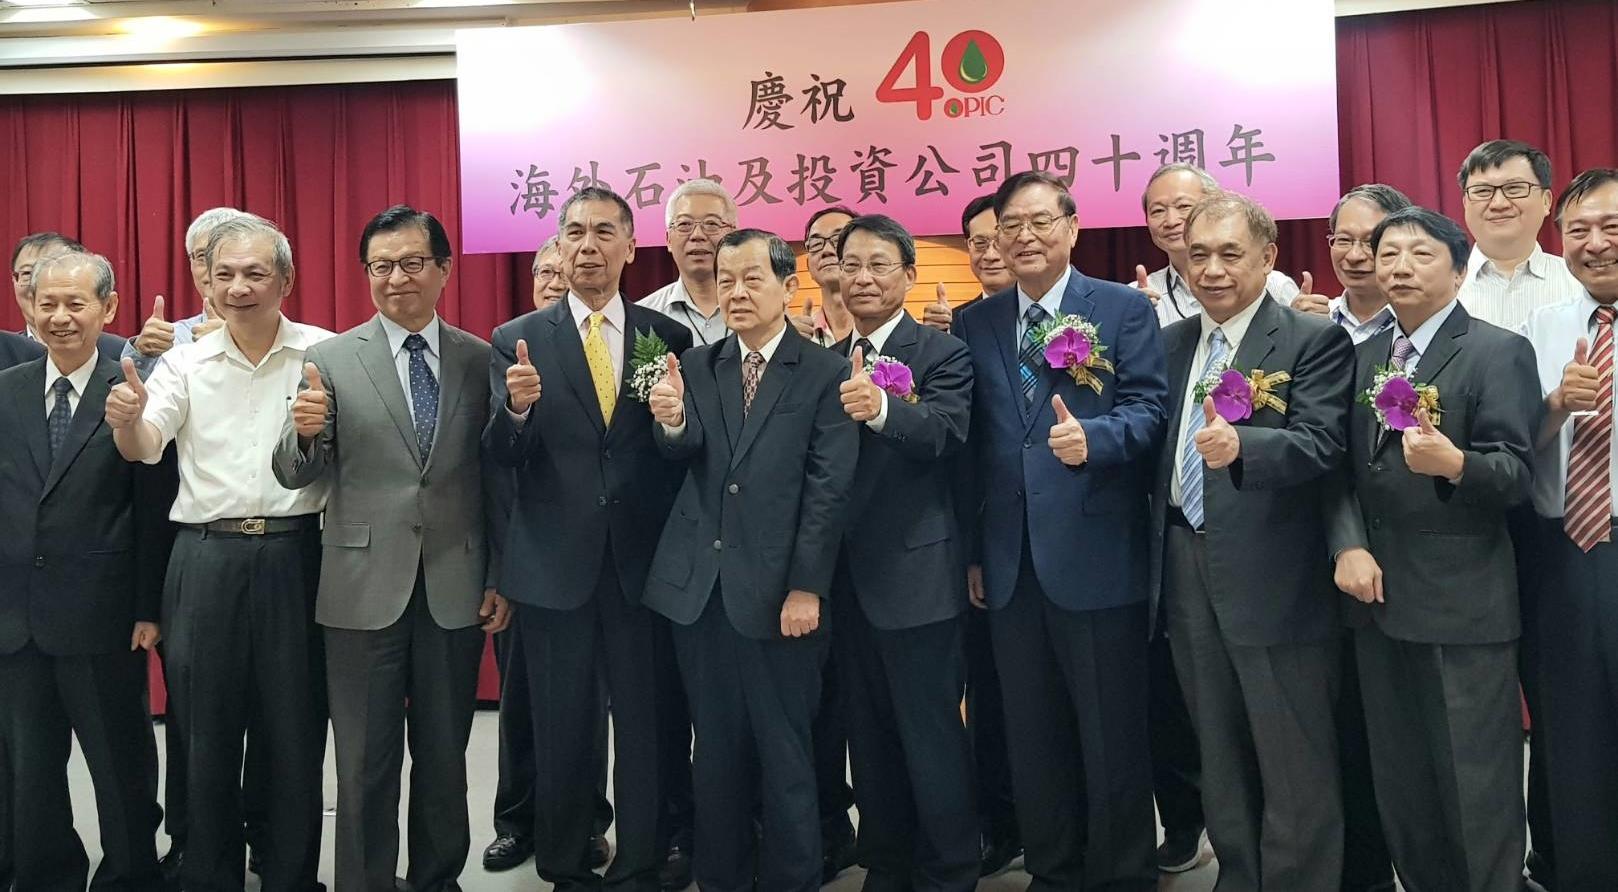 台灣中油舉辦OPIC 40週年慶,分享海外投資及探油經驗